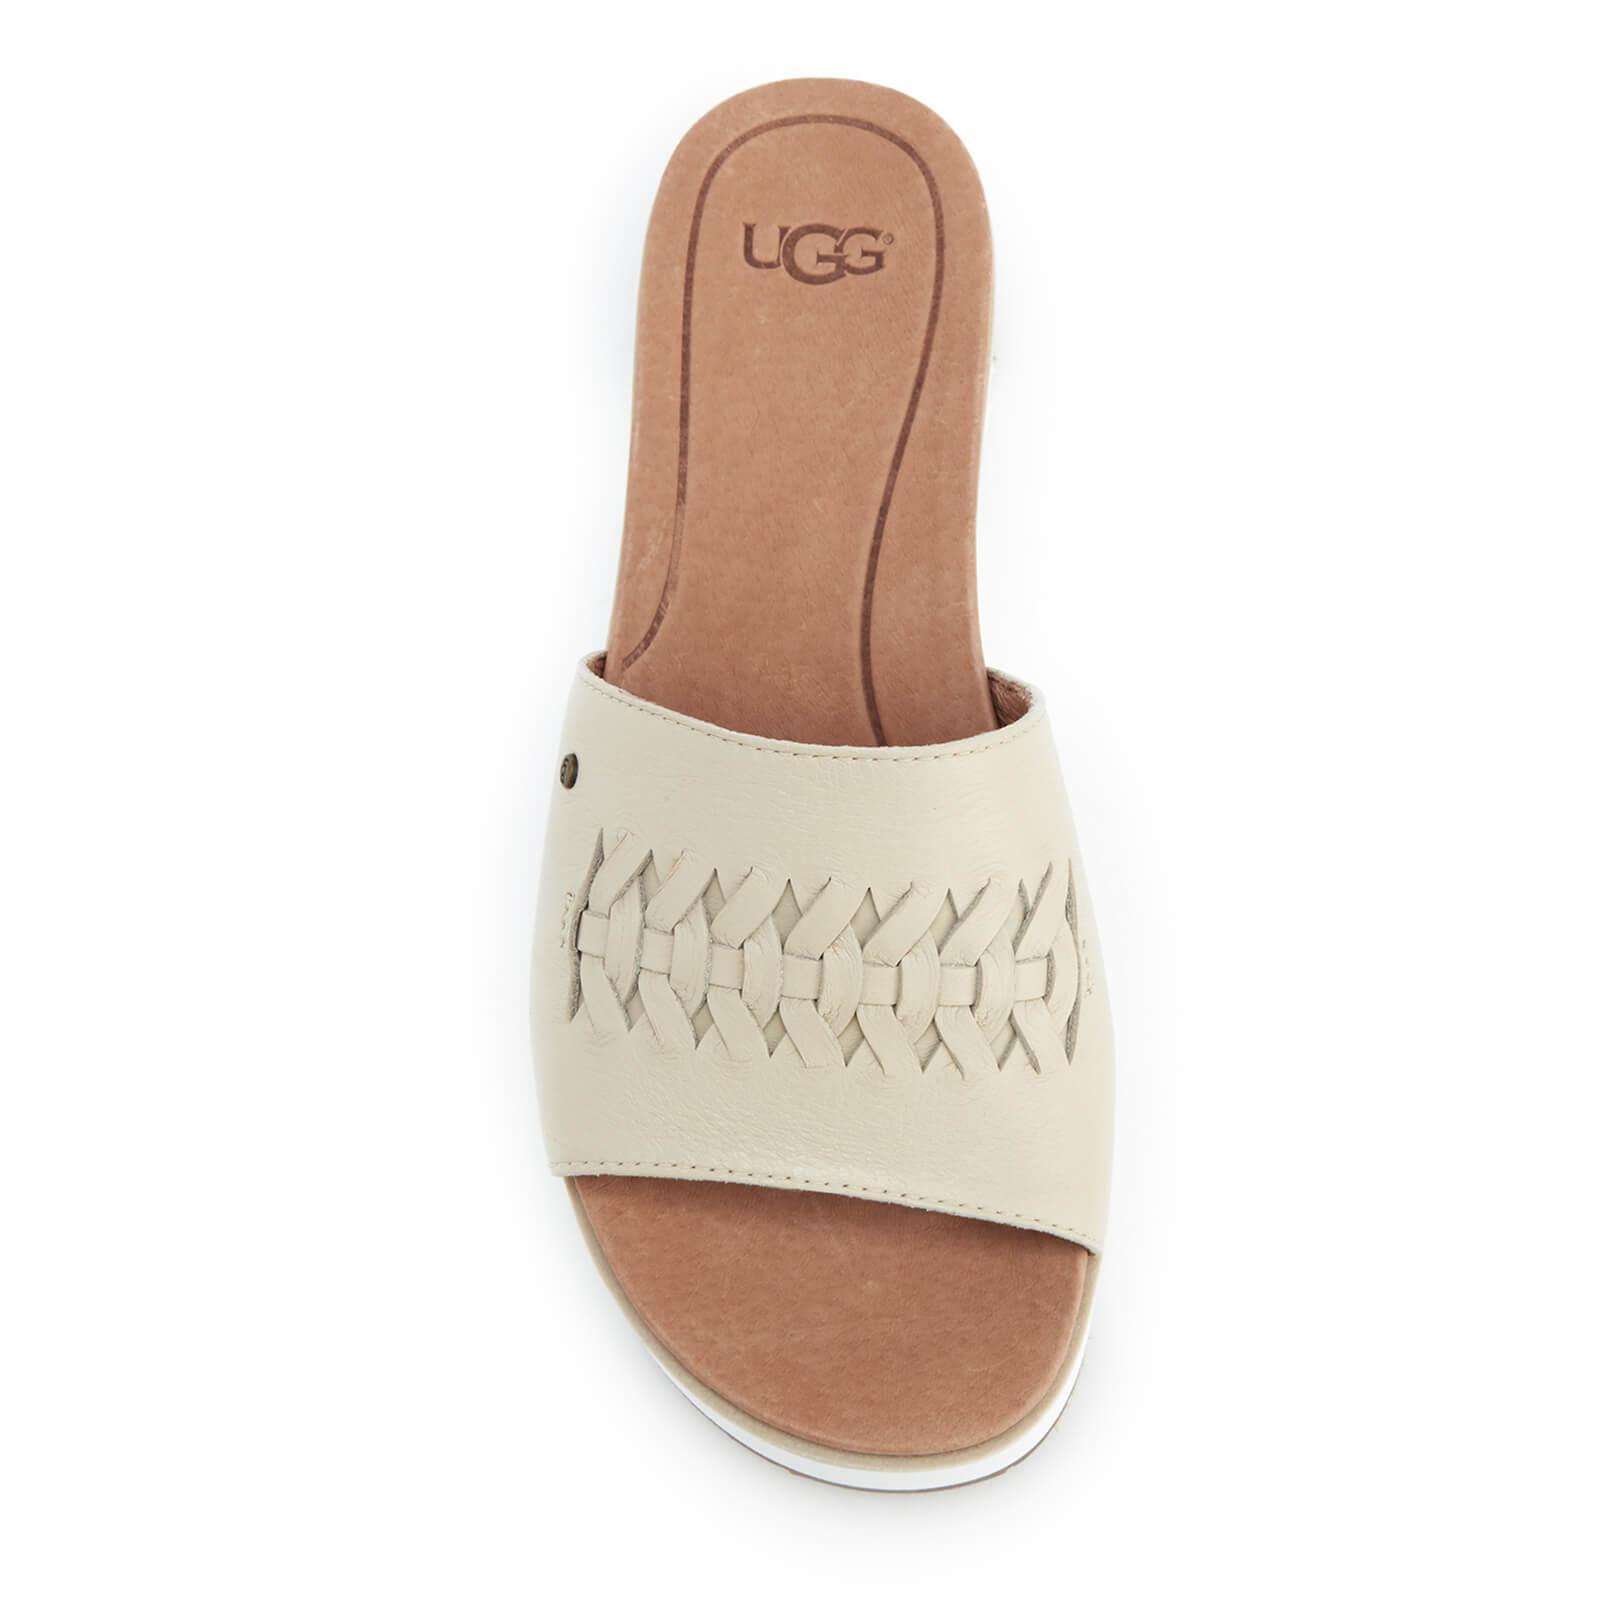 33b301a78d9 Ugg Natural Women's Delaney Treadlite Leather Flatform Slide Sandals